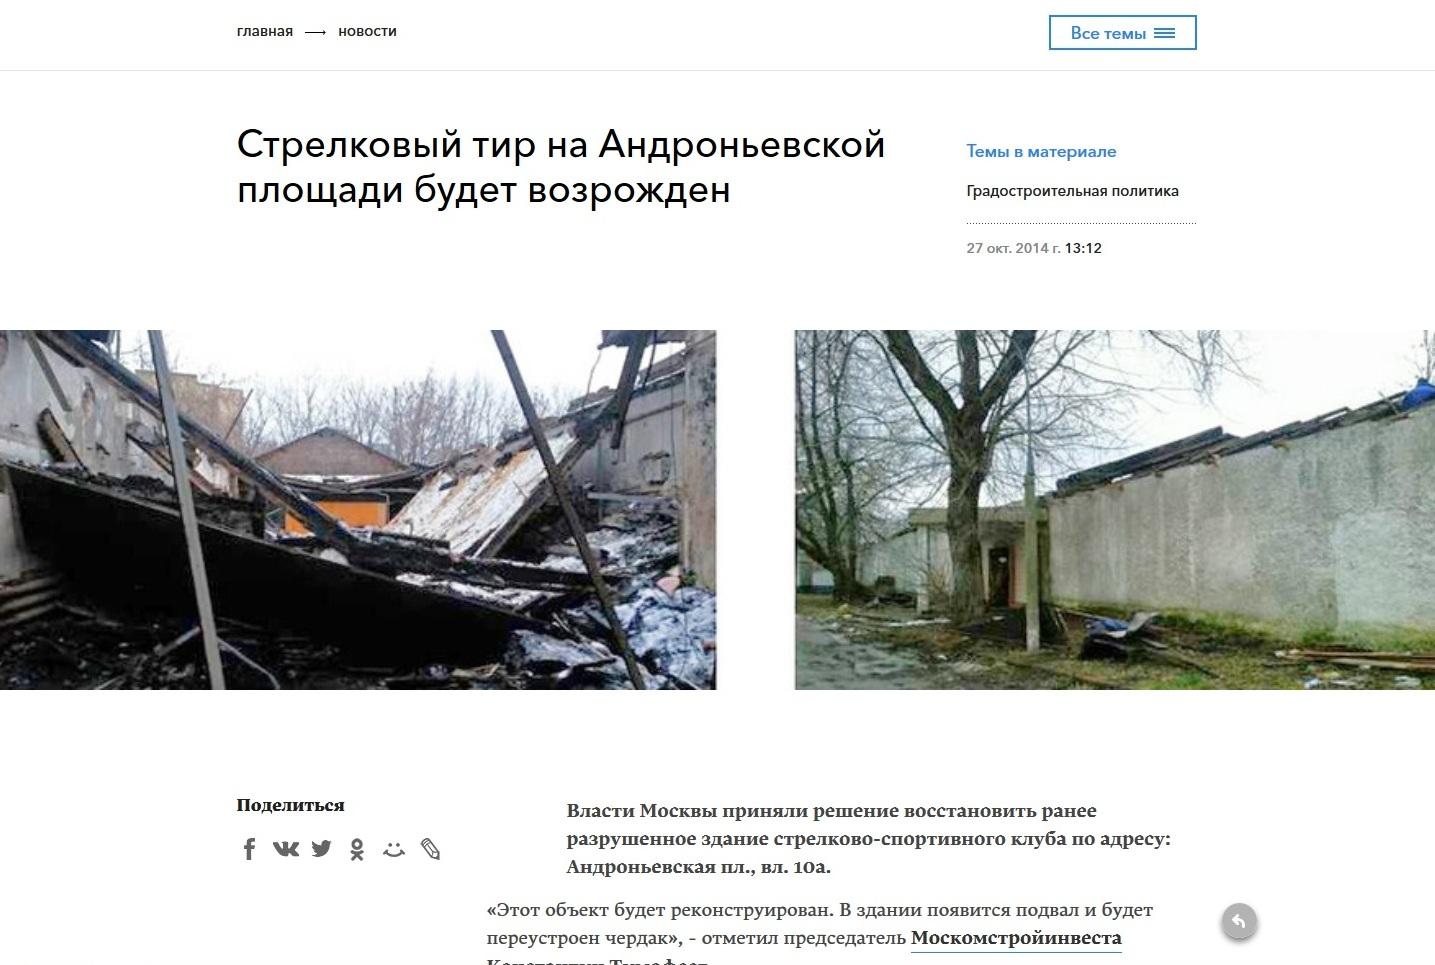 https://img-fotki.yandex.ru/get/57551/38741235.1f/0_1ee08d_e3a008c7_orig.jpg